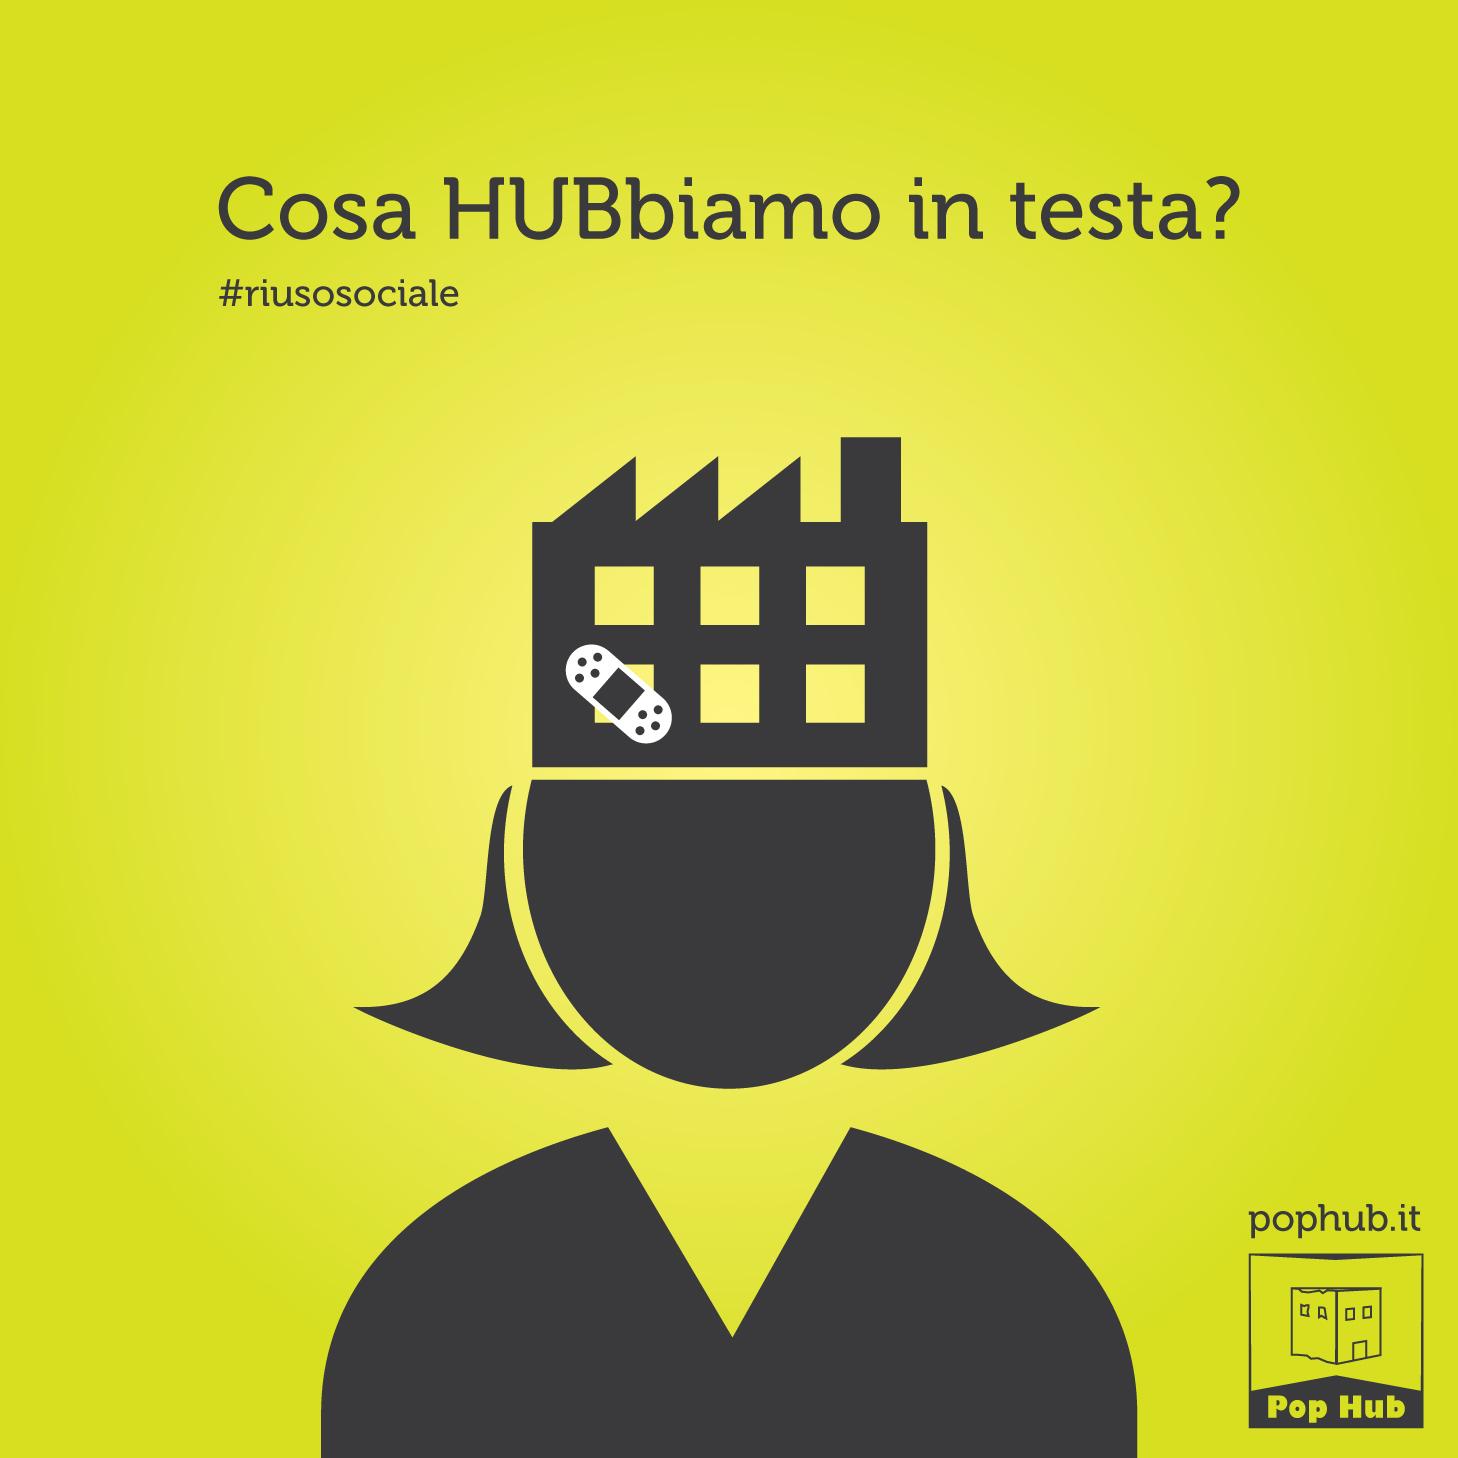 Campagna teasing per Pop Hub – Grafica e illustrazioni Riuso sociale